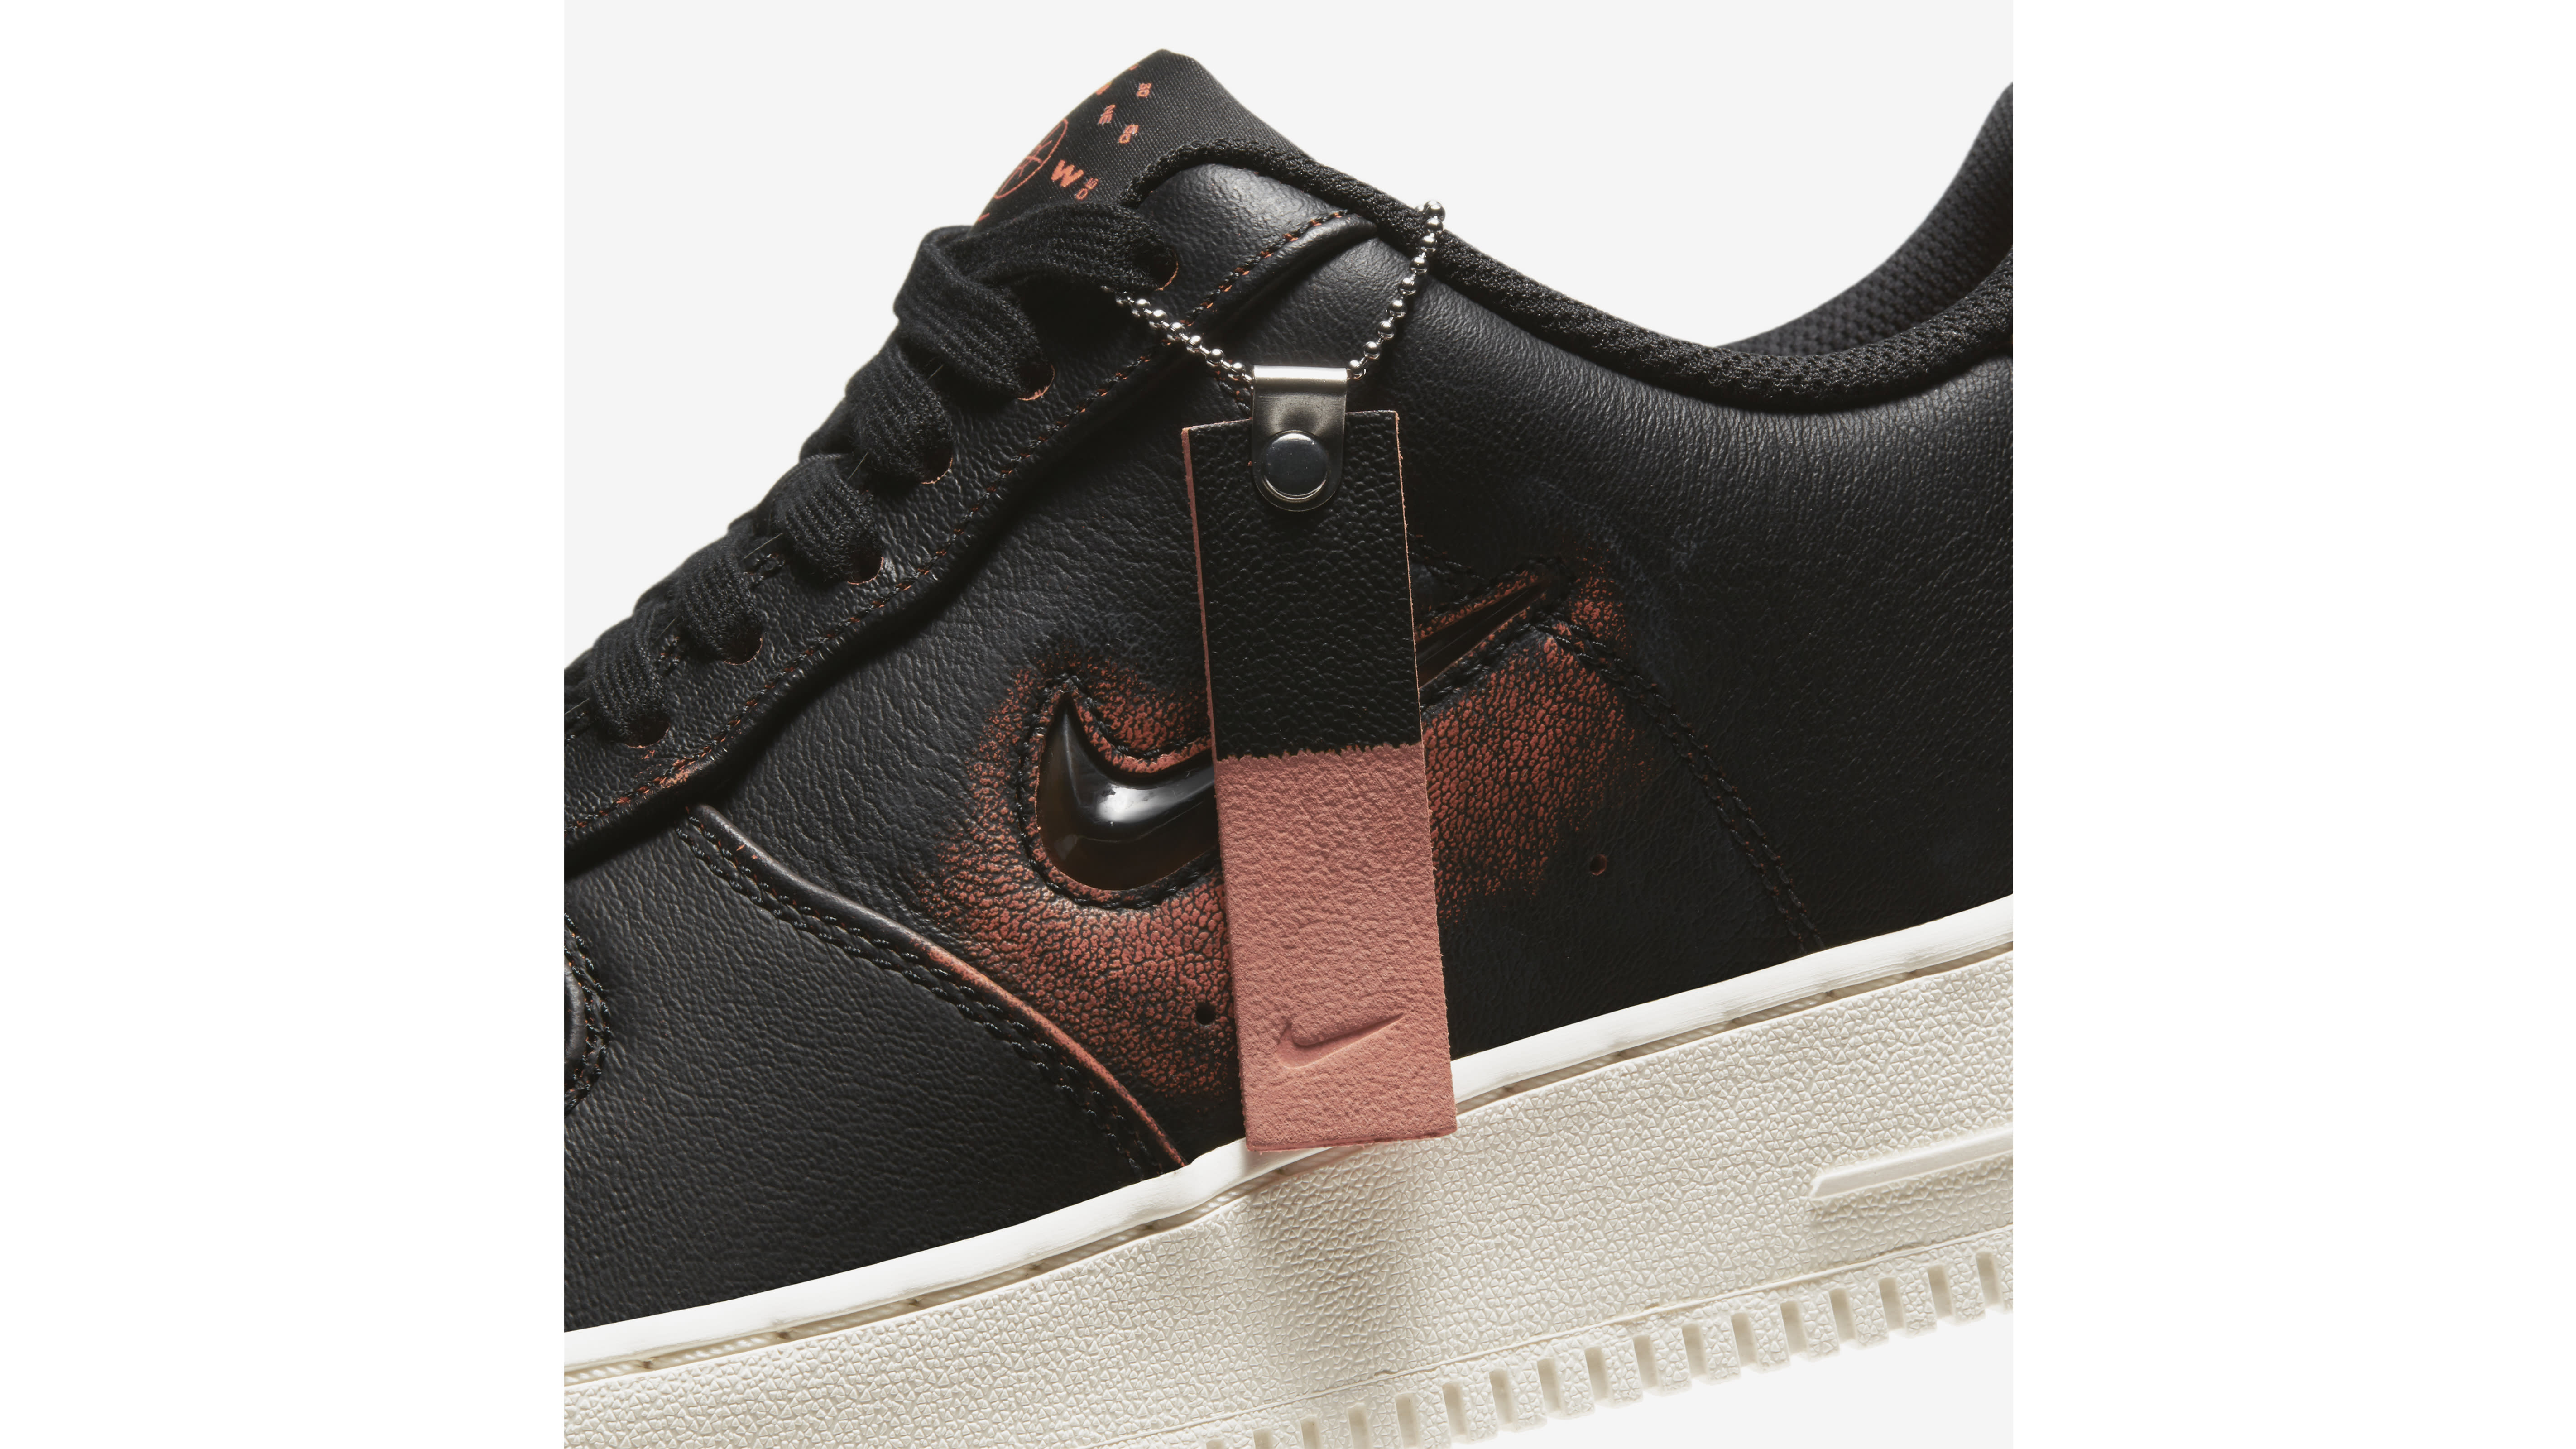 Nike Air Force 1 Low Jewel Premium Rub-Away